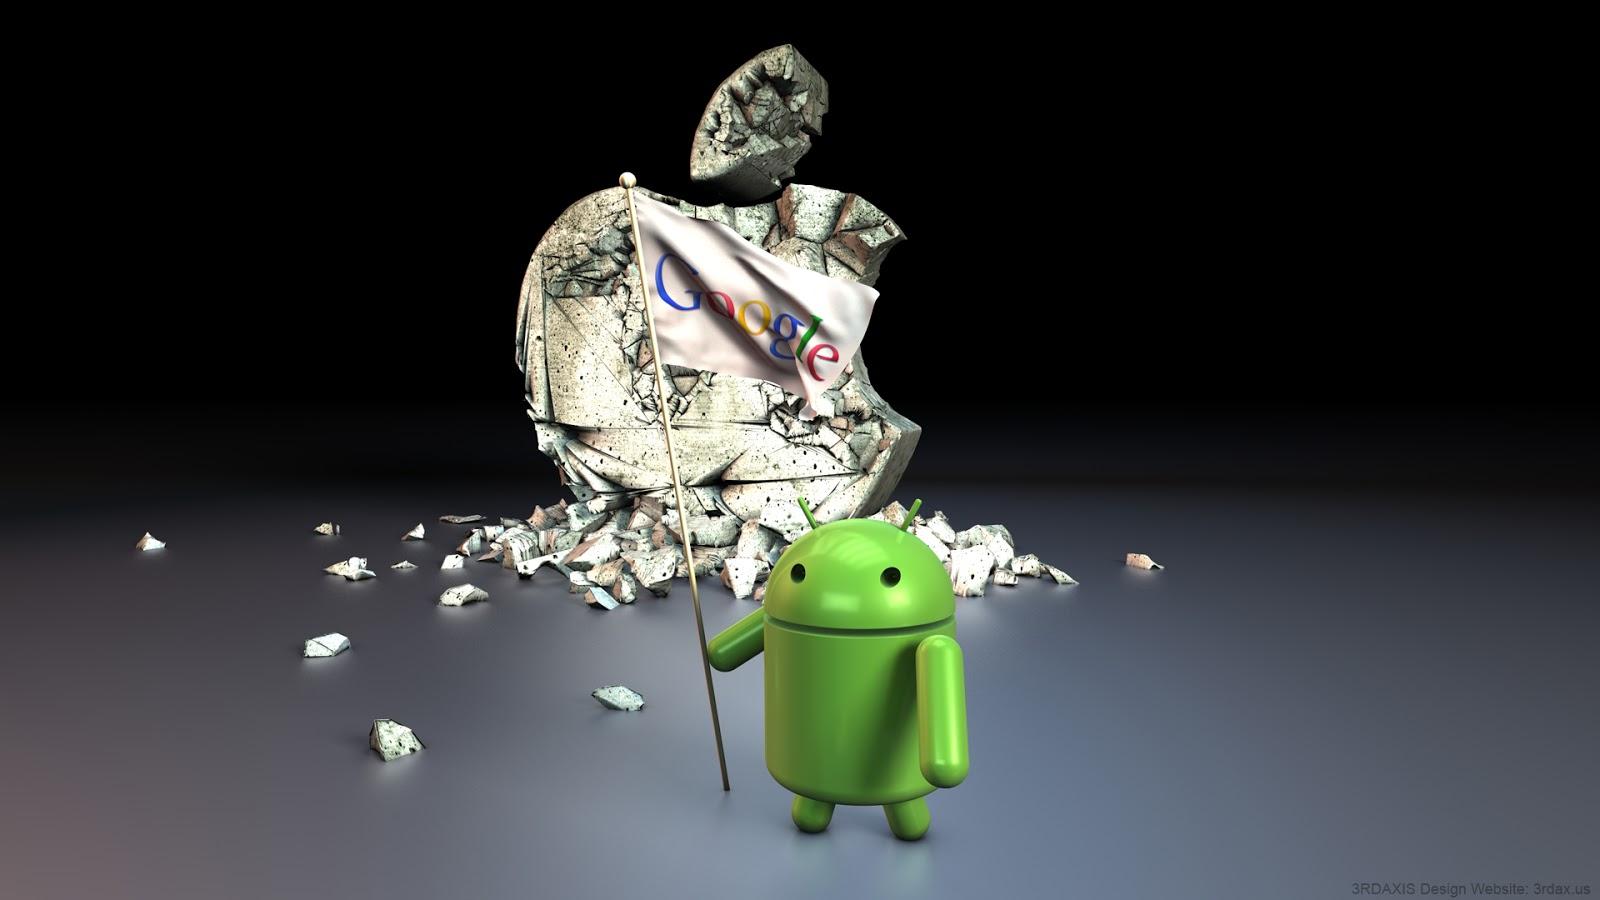 http://2.bp.blogspot.com/-ggFPGiXvSBU/UJ9v4S37_iI/AAAAAAAABgE/HEMKlMTLa4w/s1600/android-vs-apple.jpg